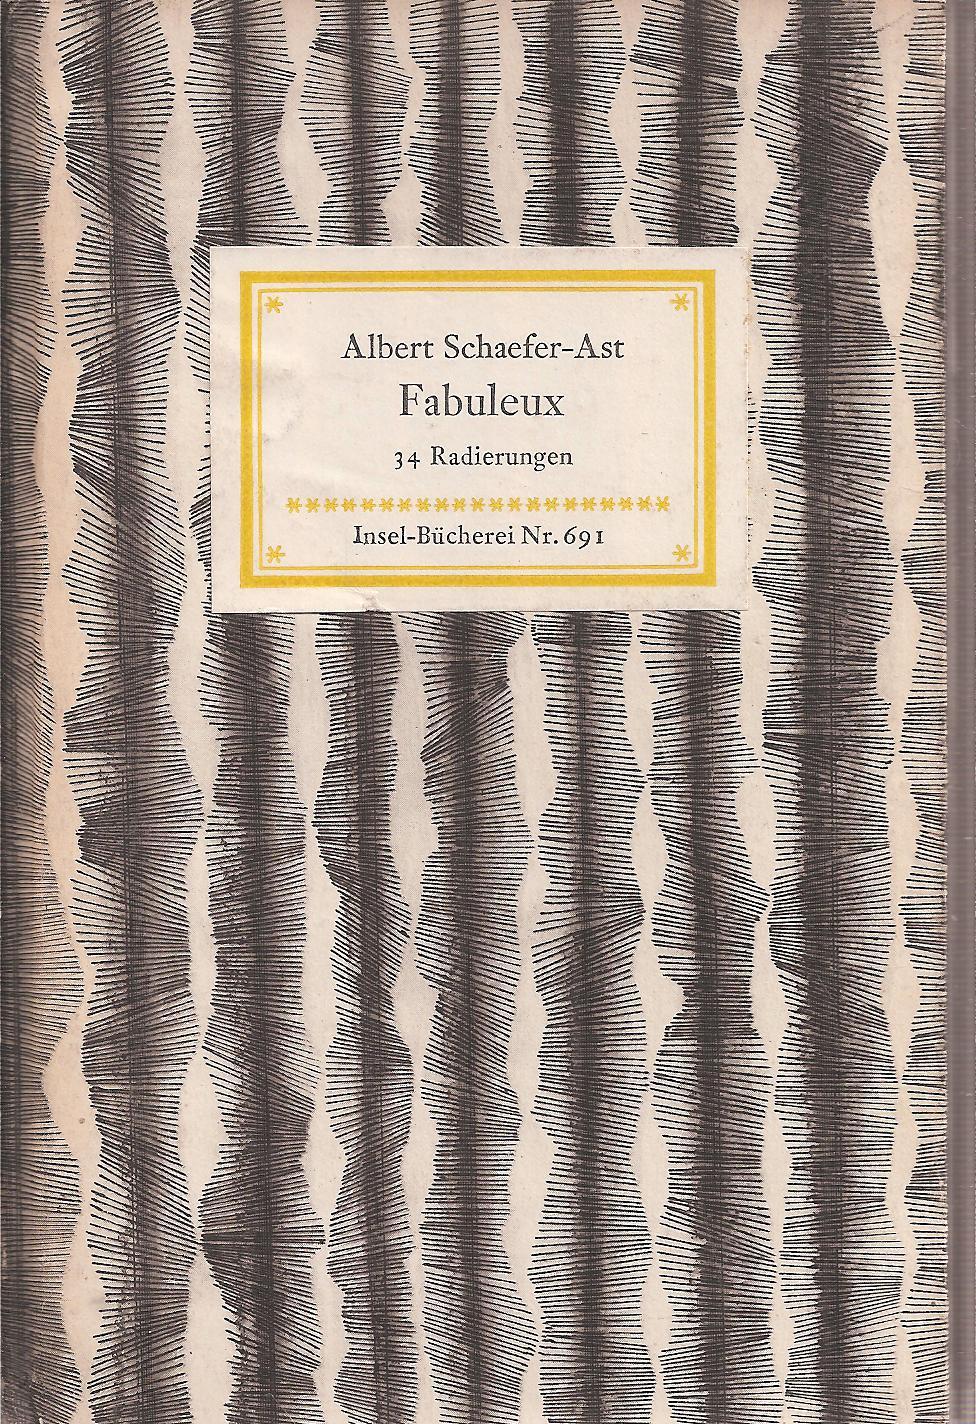 Fabuleux: Schaefer-Ast,Albert